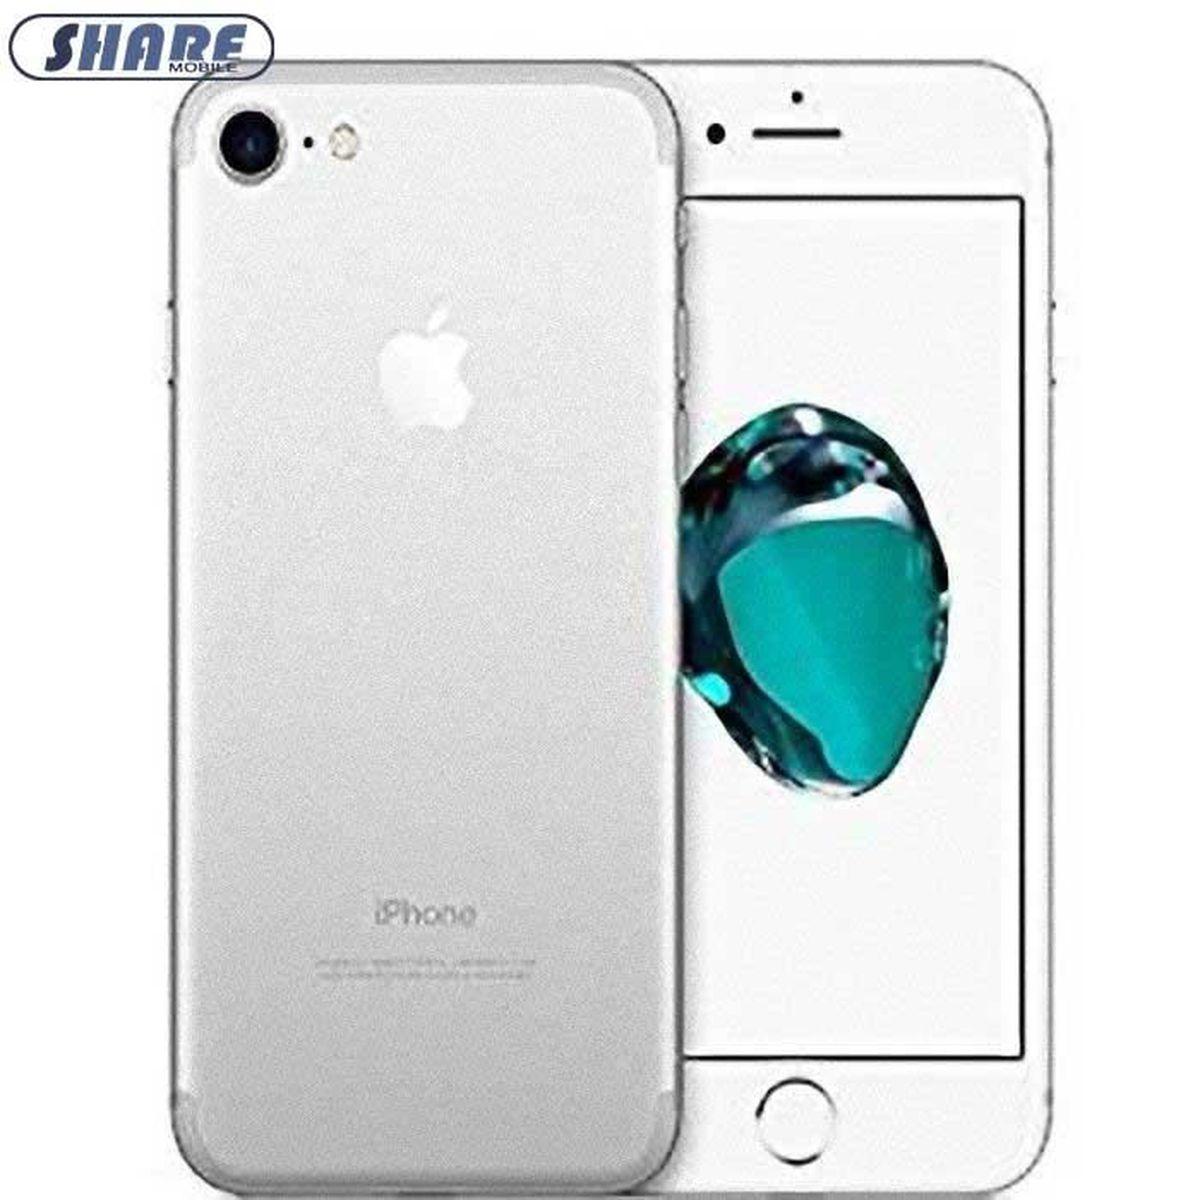 96cf05a129158c APPLE IPhone 7 32Go Argent Smartphone Débloqué Reconditionné-(Share mobile)